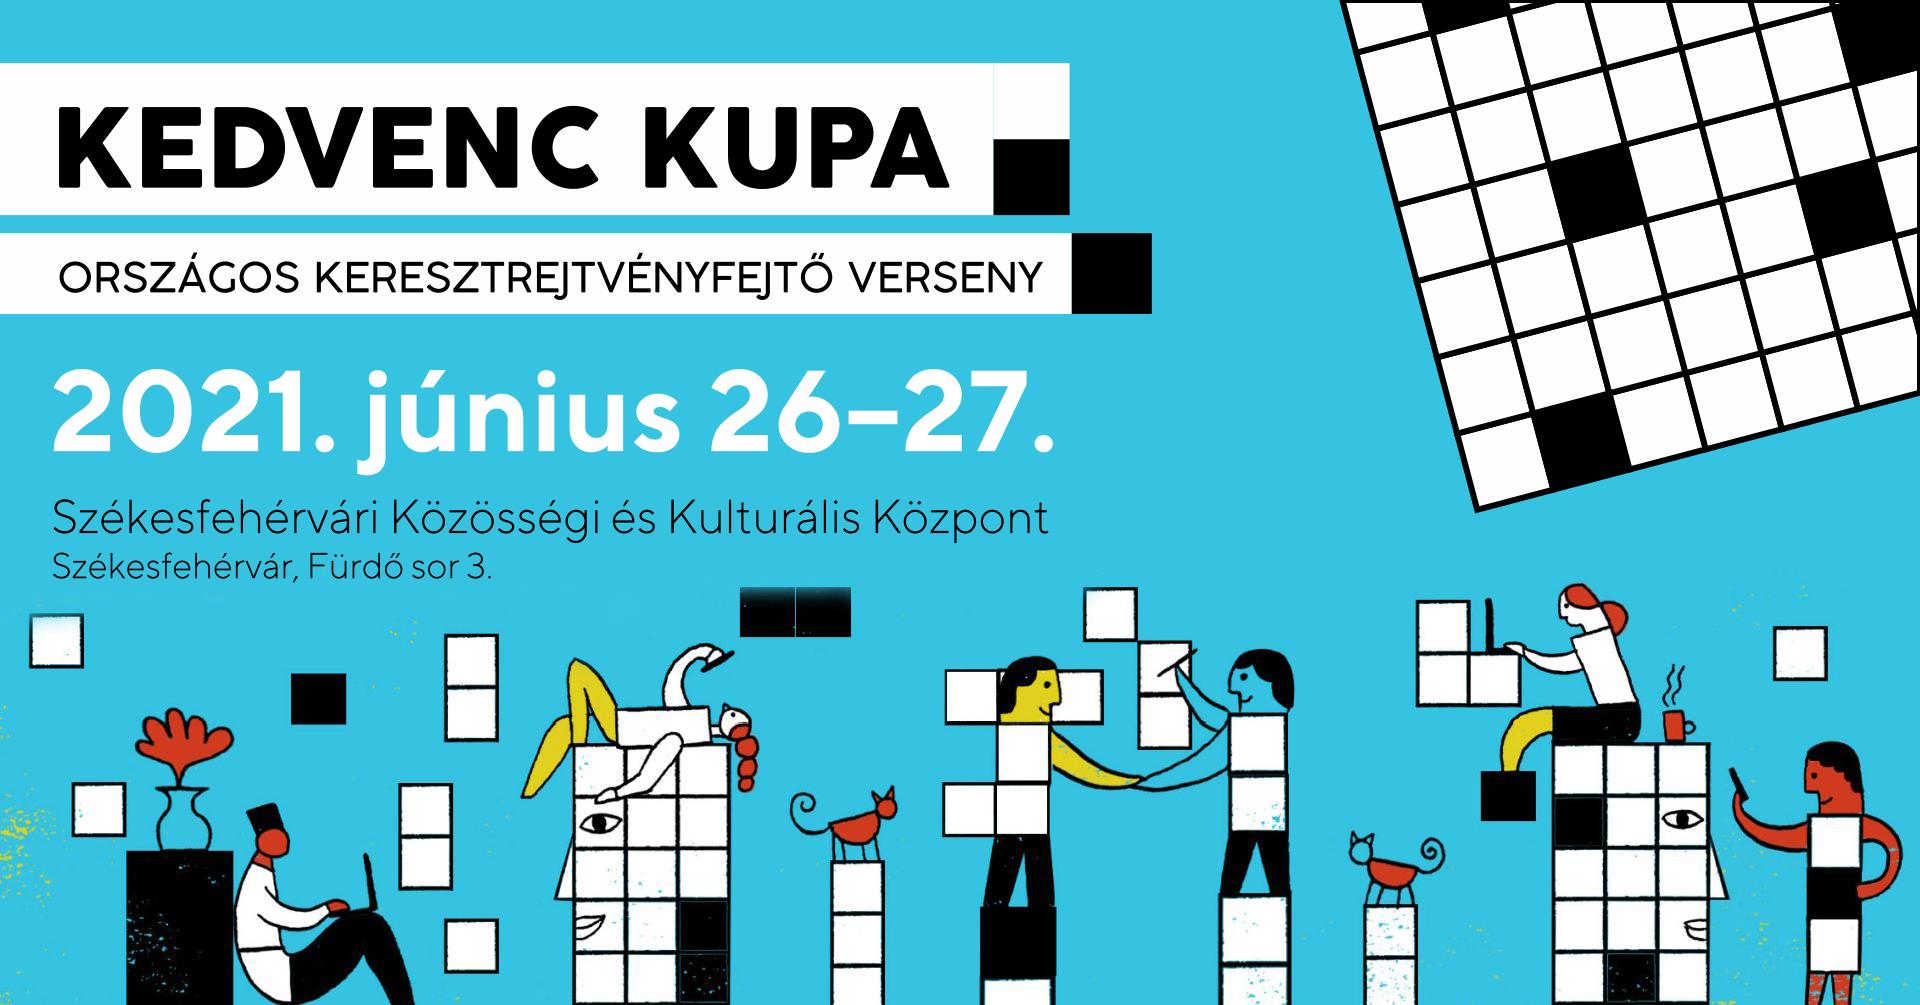 Kedvenc Kupa – Országos Keresztrejtvényfejtő Verseny @ Székesfehérvári Közösségi és Kulturális Központ